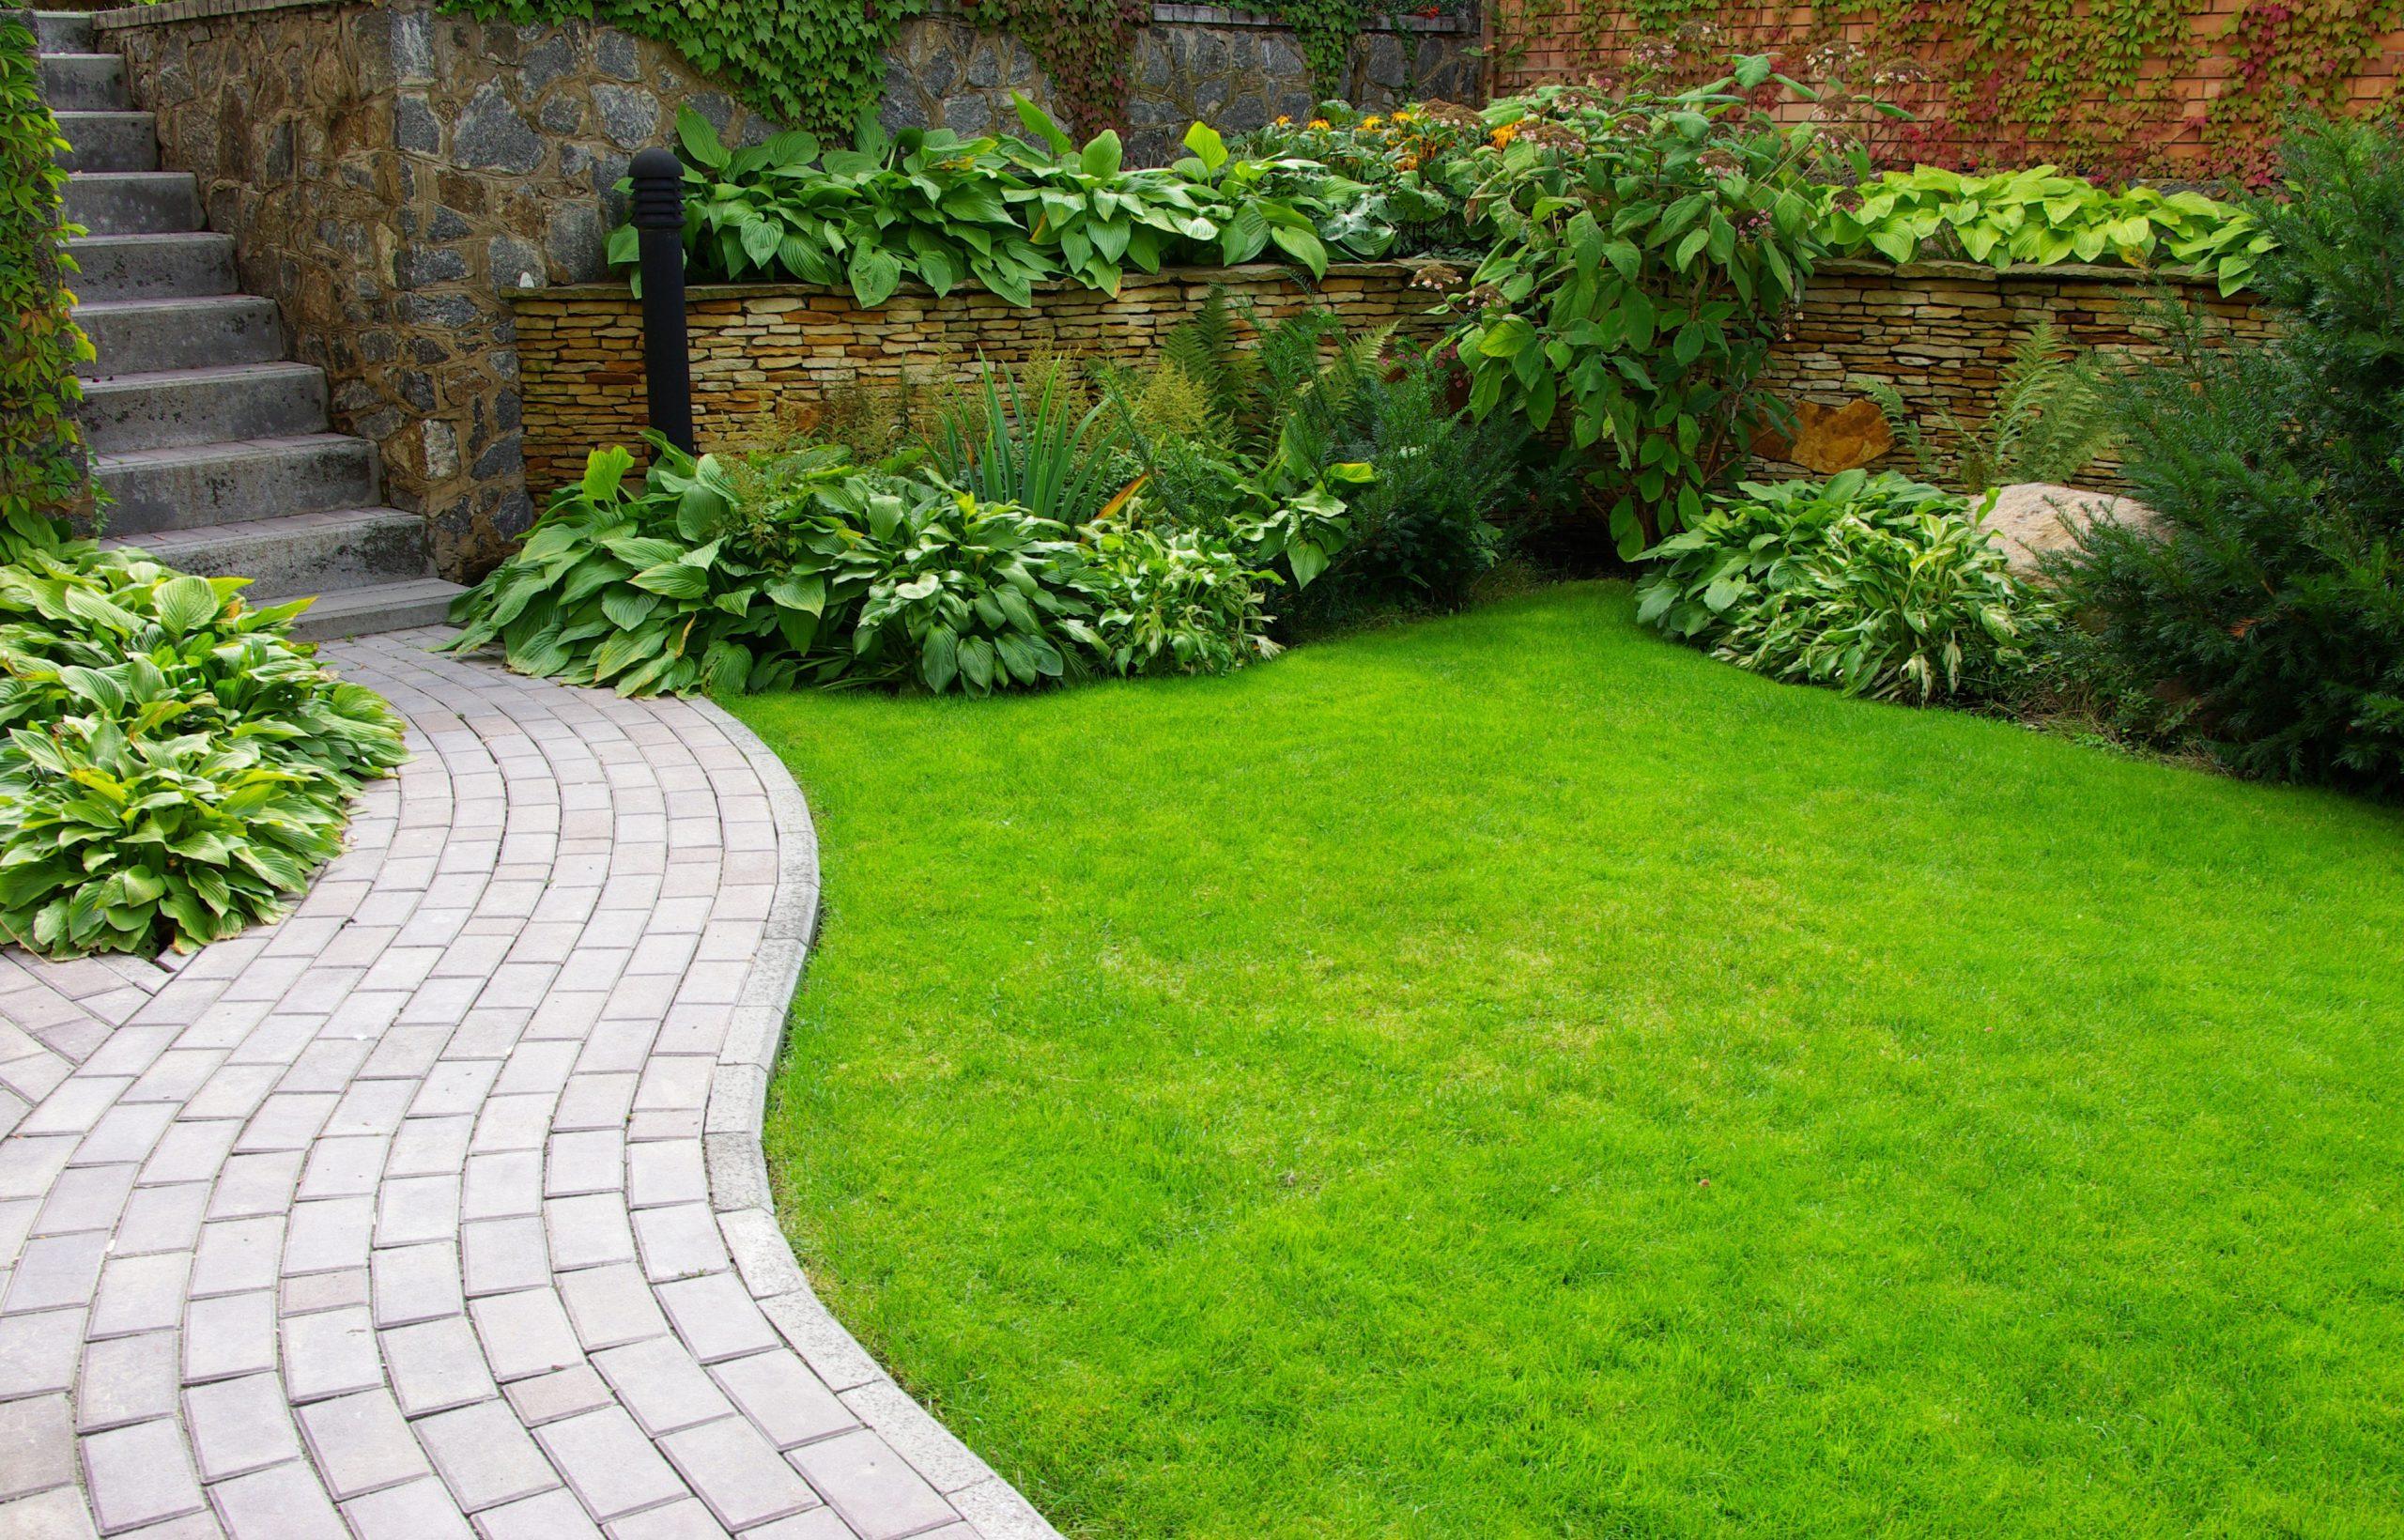 La Chaux : Quelle Utilisation Pour Mon Jardin ? - M6 Deco.fr intérieur Chaux Vive Au Jardin